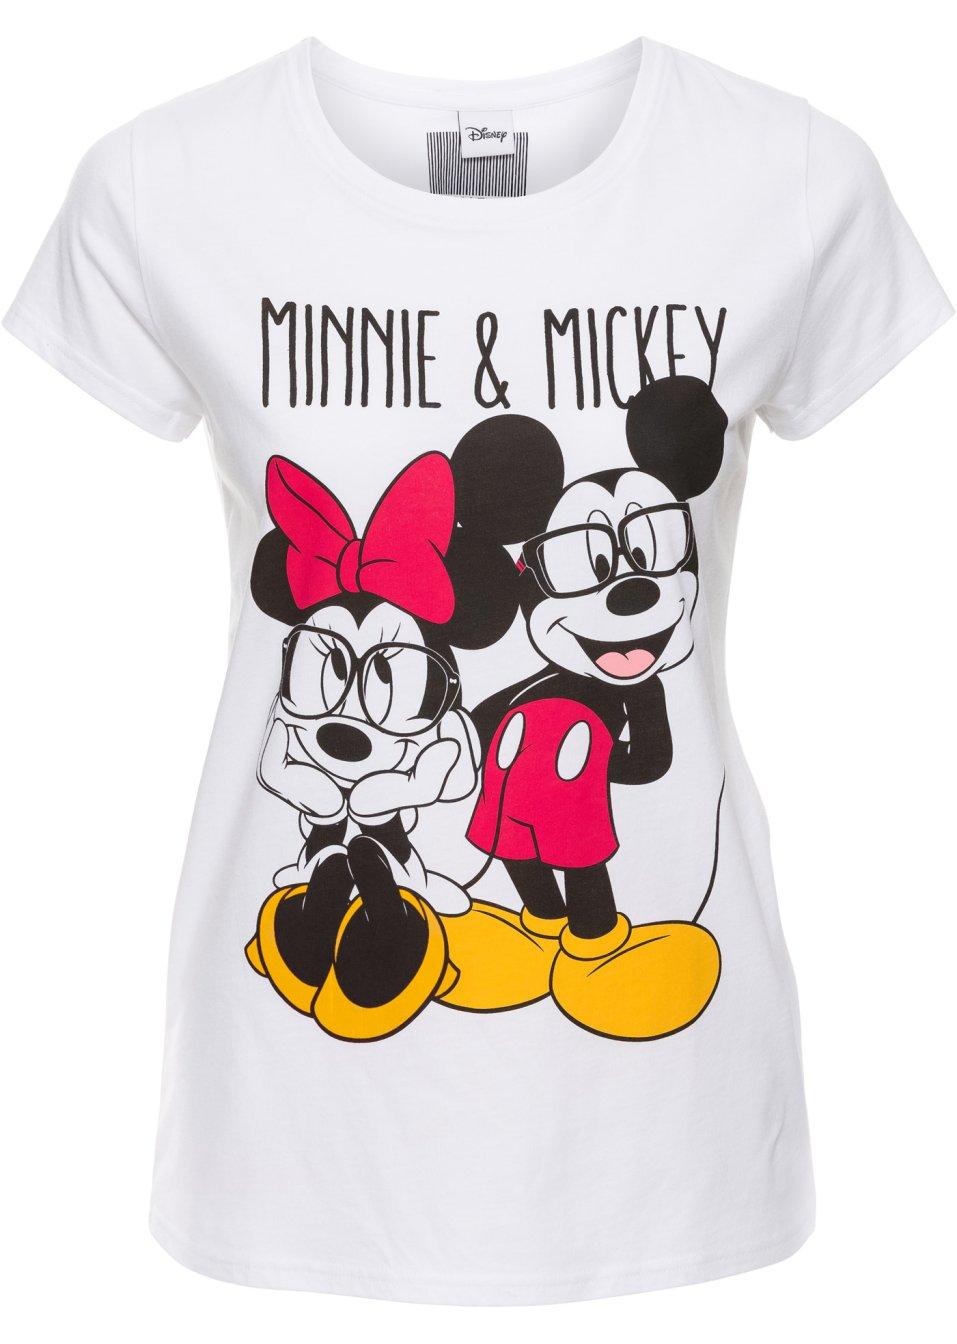 T-Shirt kurzer Arm in rosa (Rundhals) von bonprix Disney mvF6DPTV4C